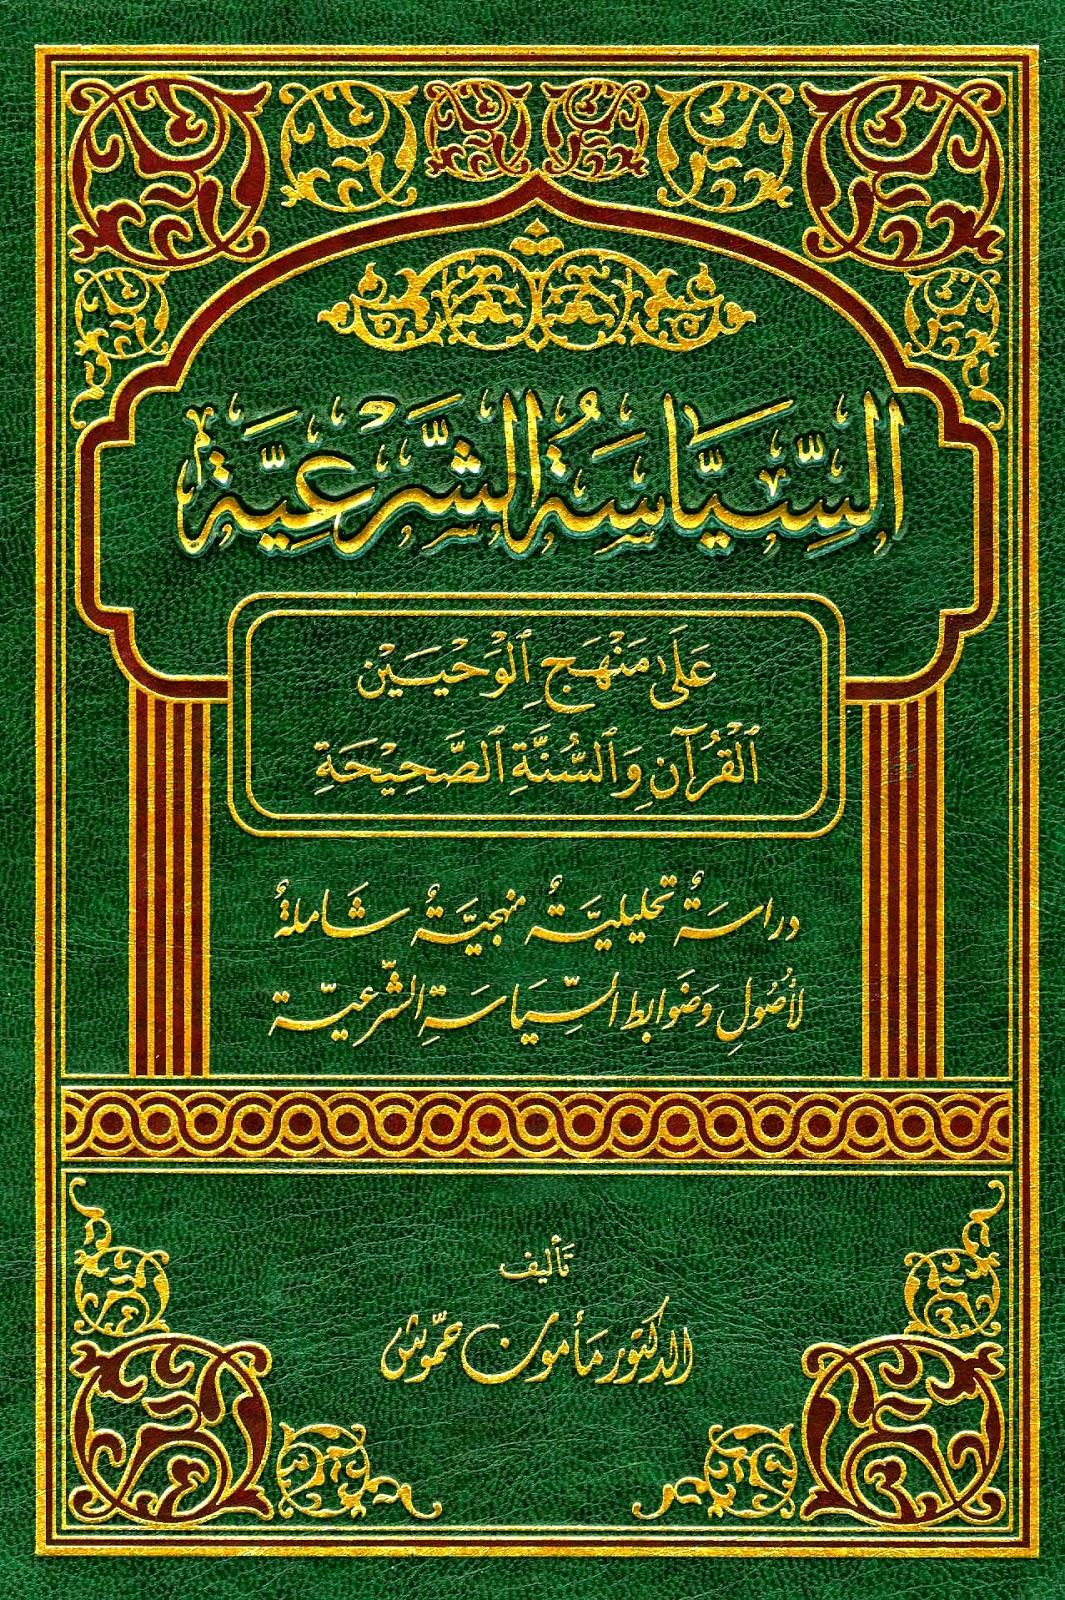 السياسة الشرعية على منهج الوحيين القرآن والسنة الصحيحة - مأمون حموش